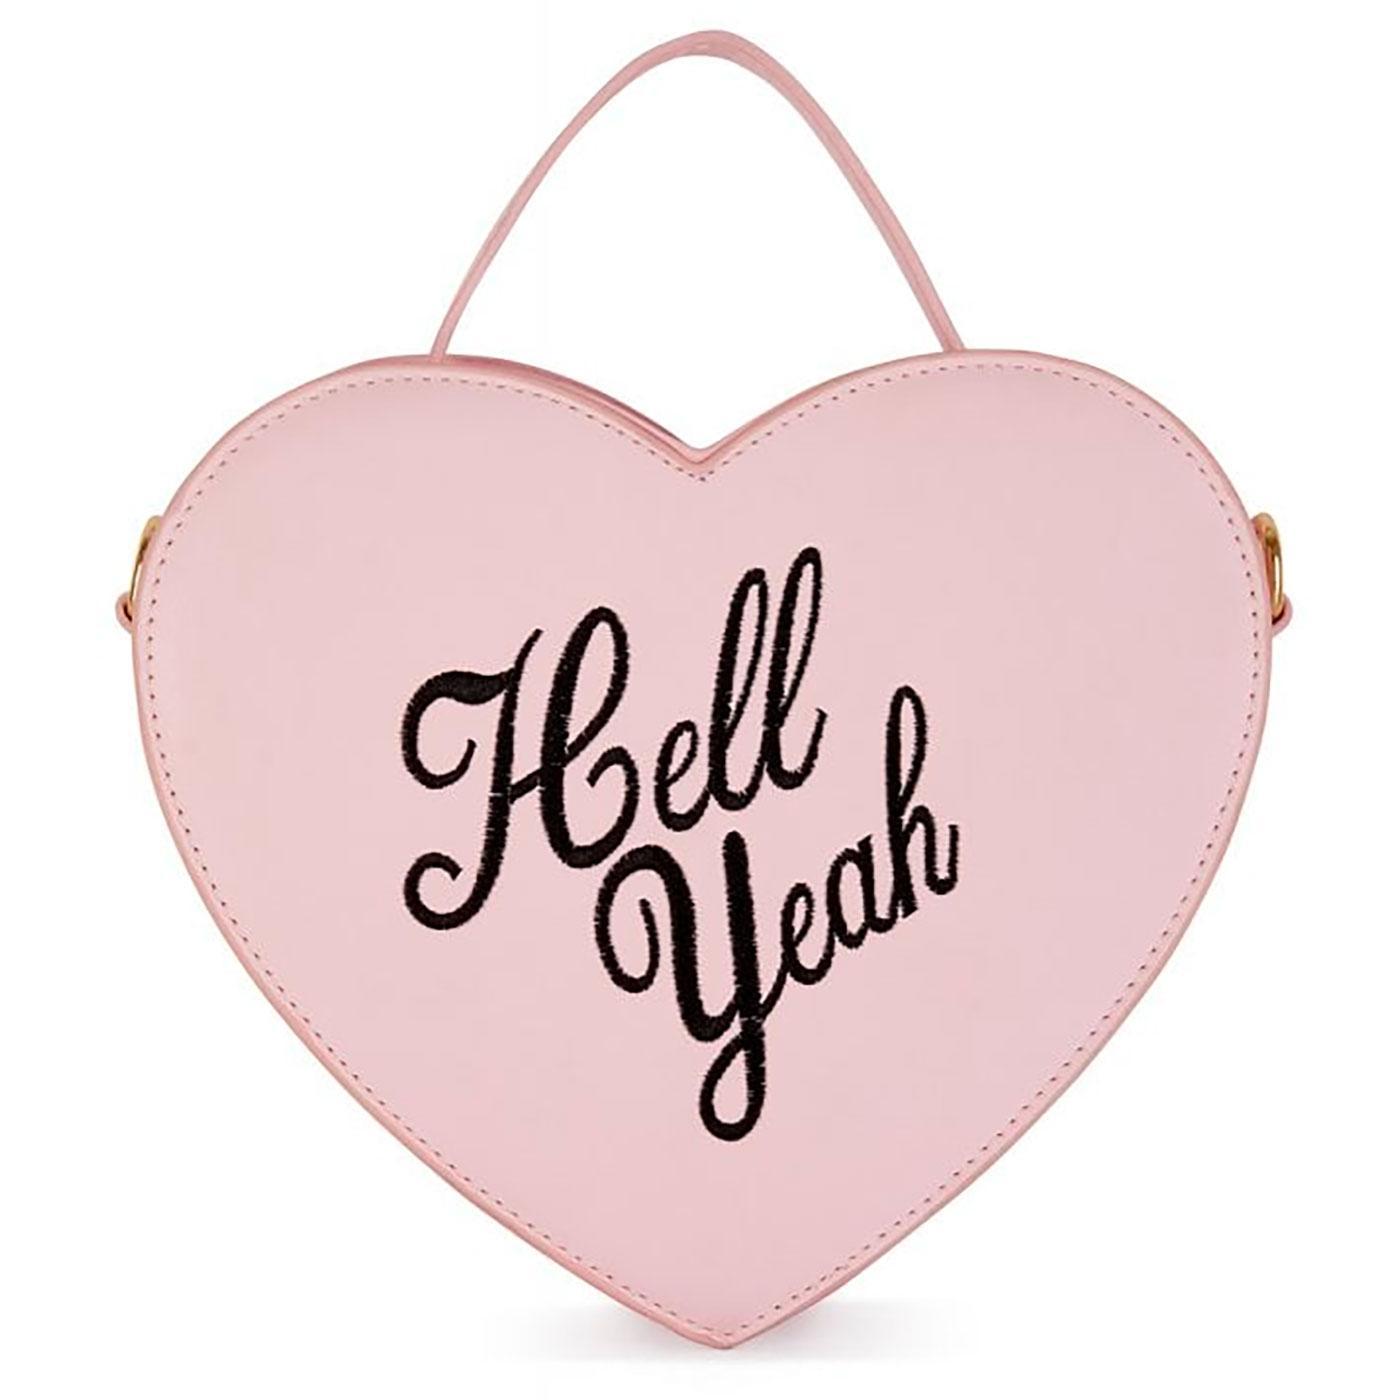 Bina LULU HUN Retro 50s Hell Yeah Heart Shaped Bag